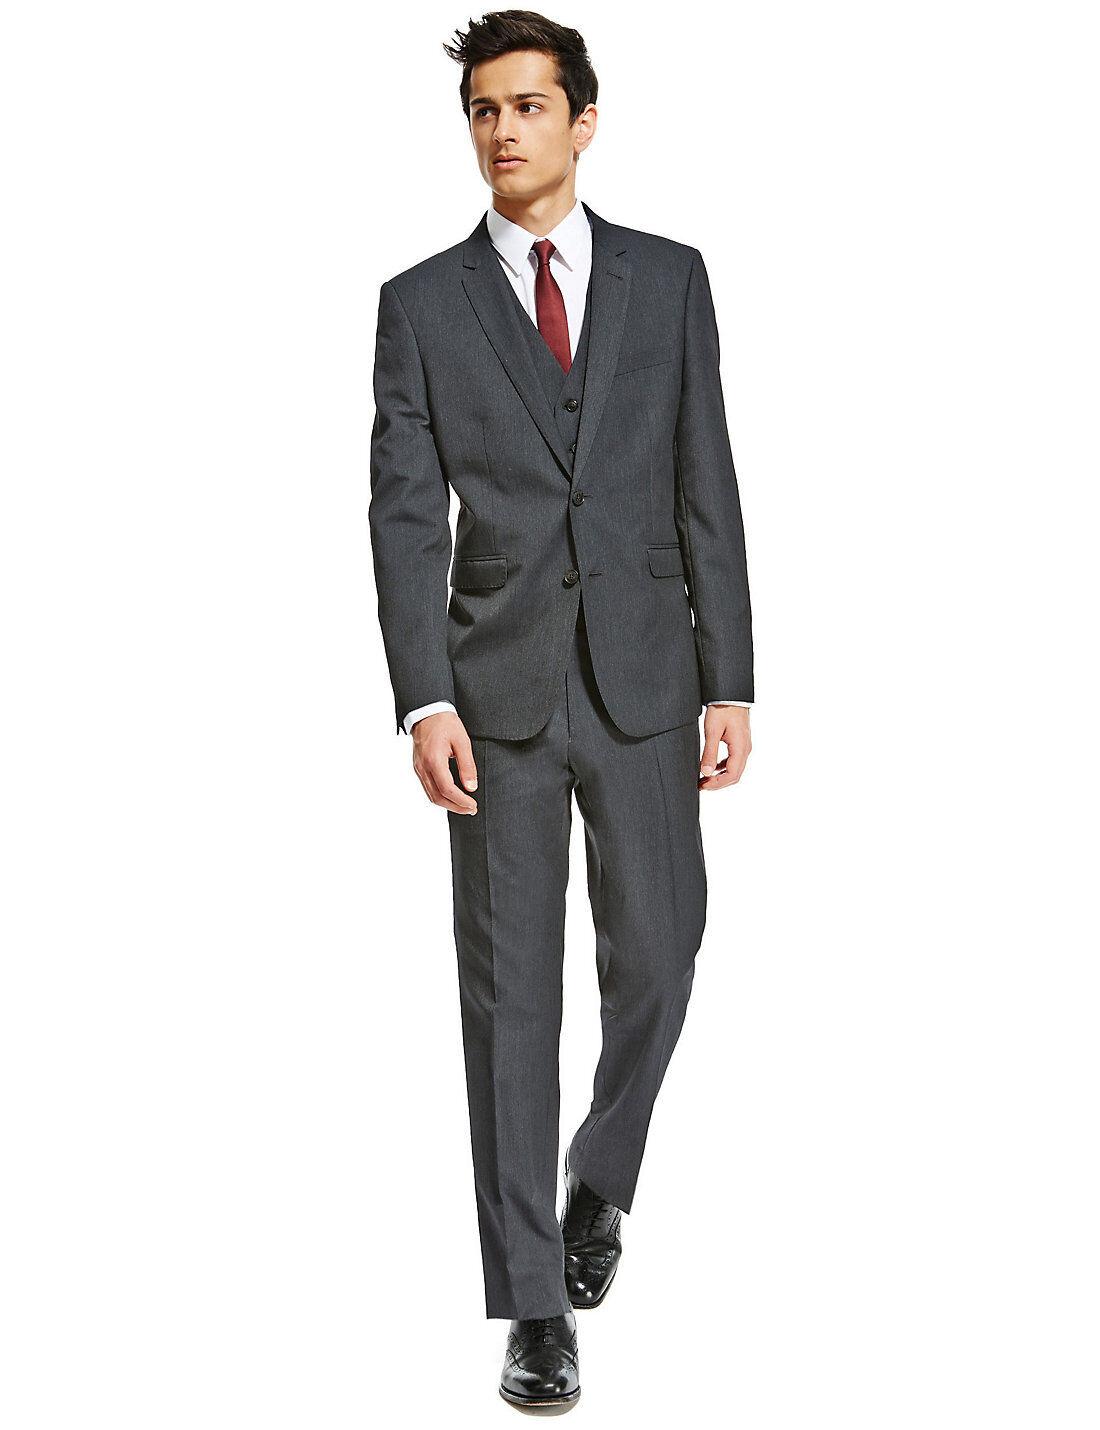 M&S Ltd Edition Charcoal Grey Super Slim 2 Button Suit Sz  38  Short &  Medium